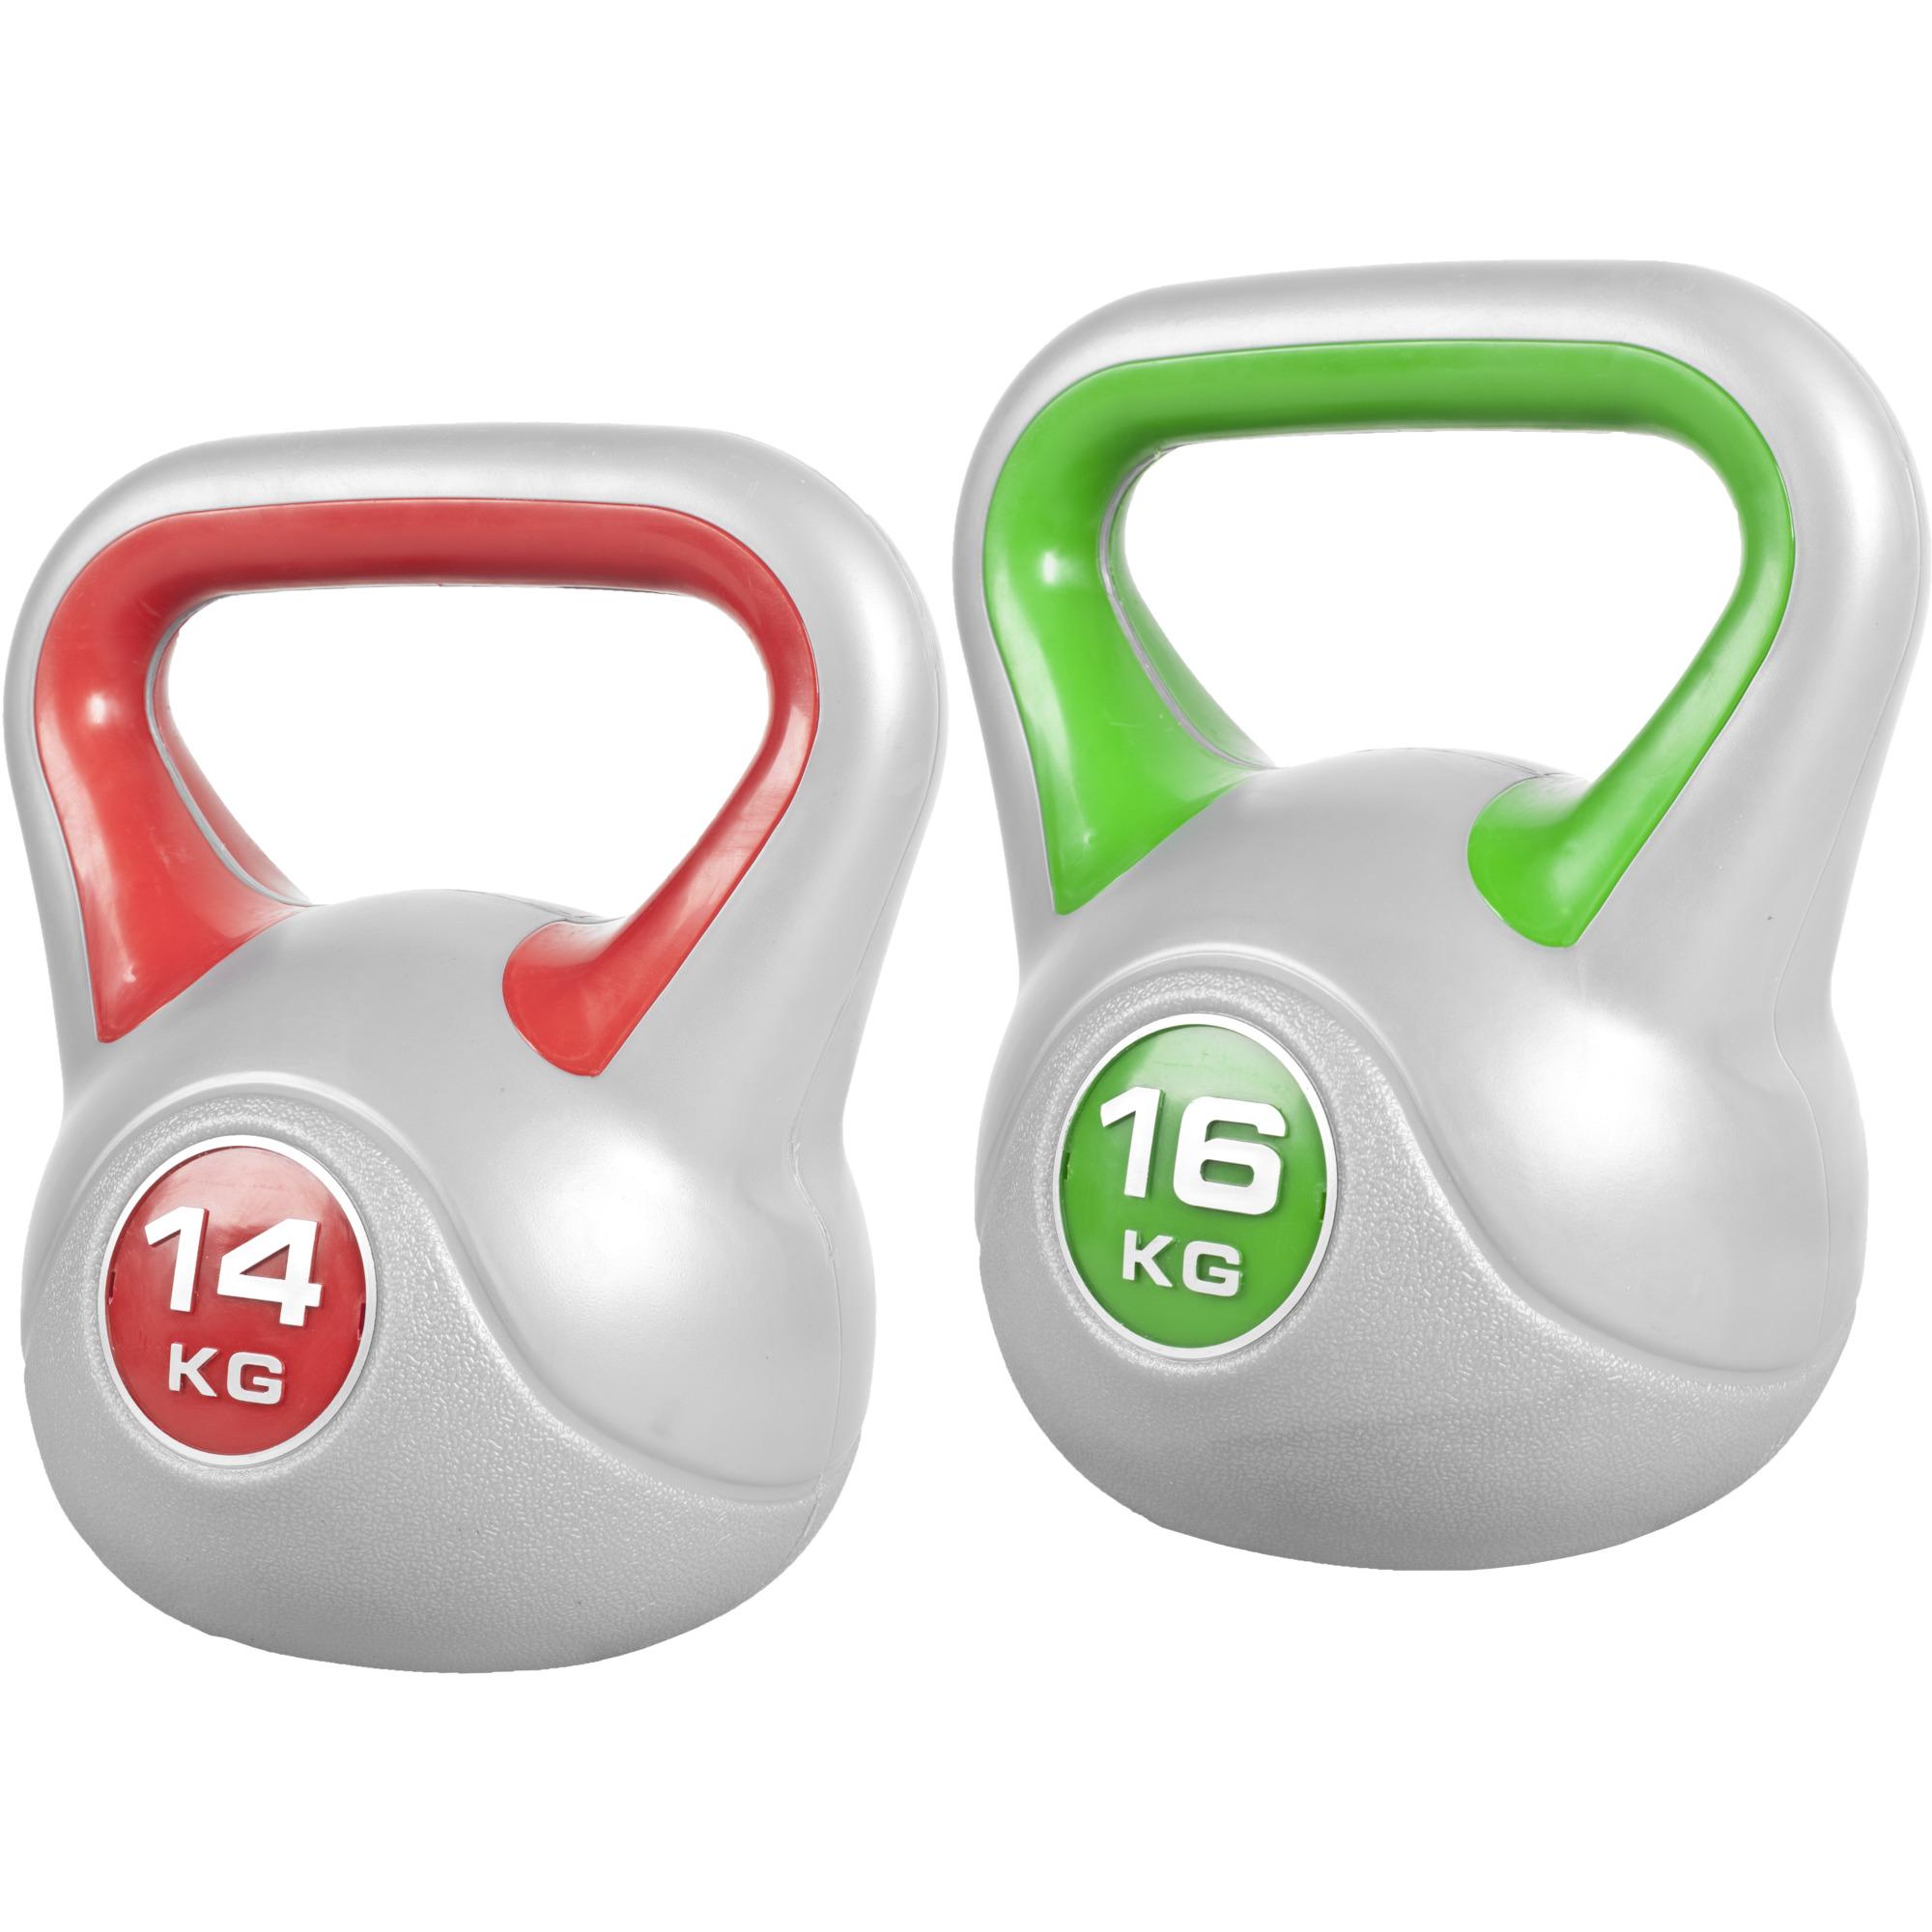 Kettlebellset 14 kg, 16 kg Kunststoff 30 kg